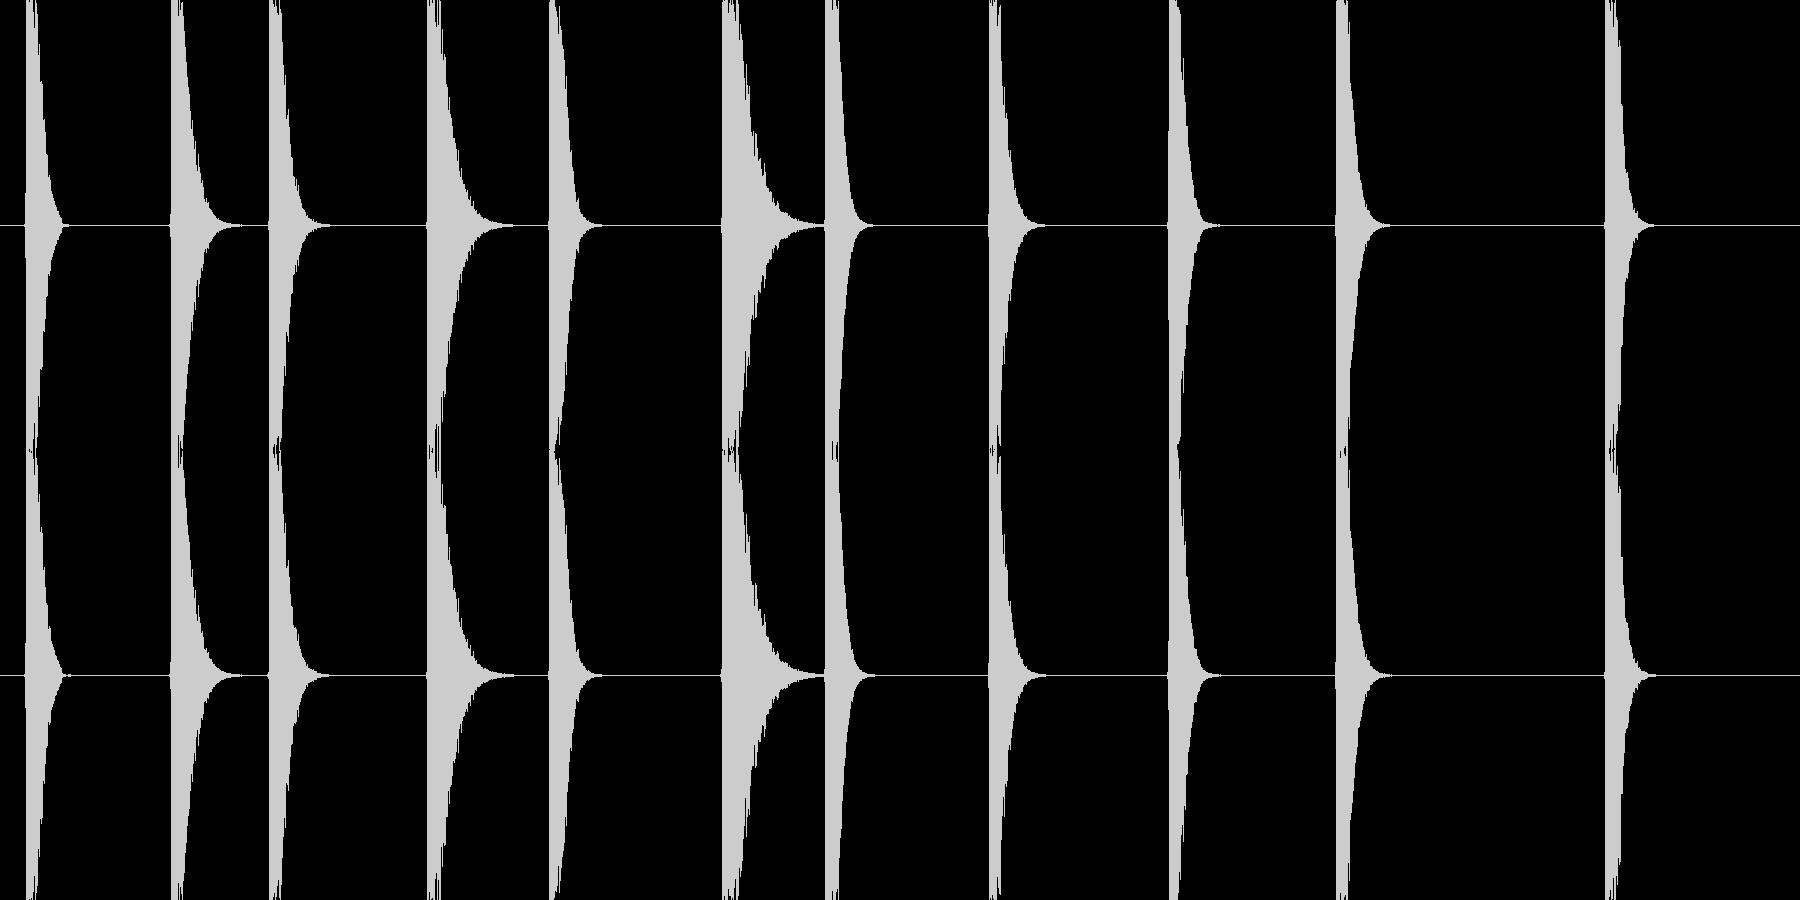 金属と金属がぶつかる音(西洋剣を想定)…の未再生の波形